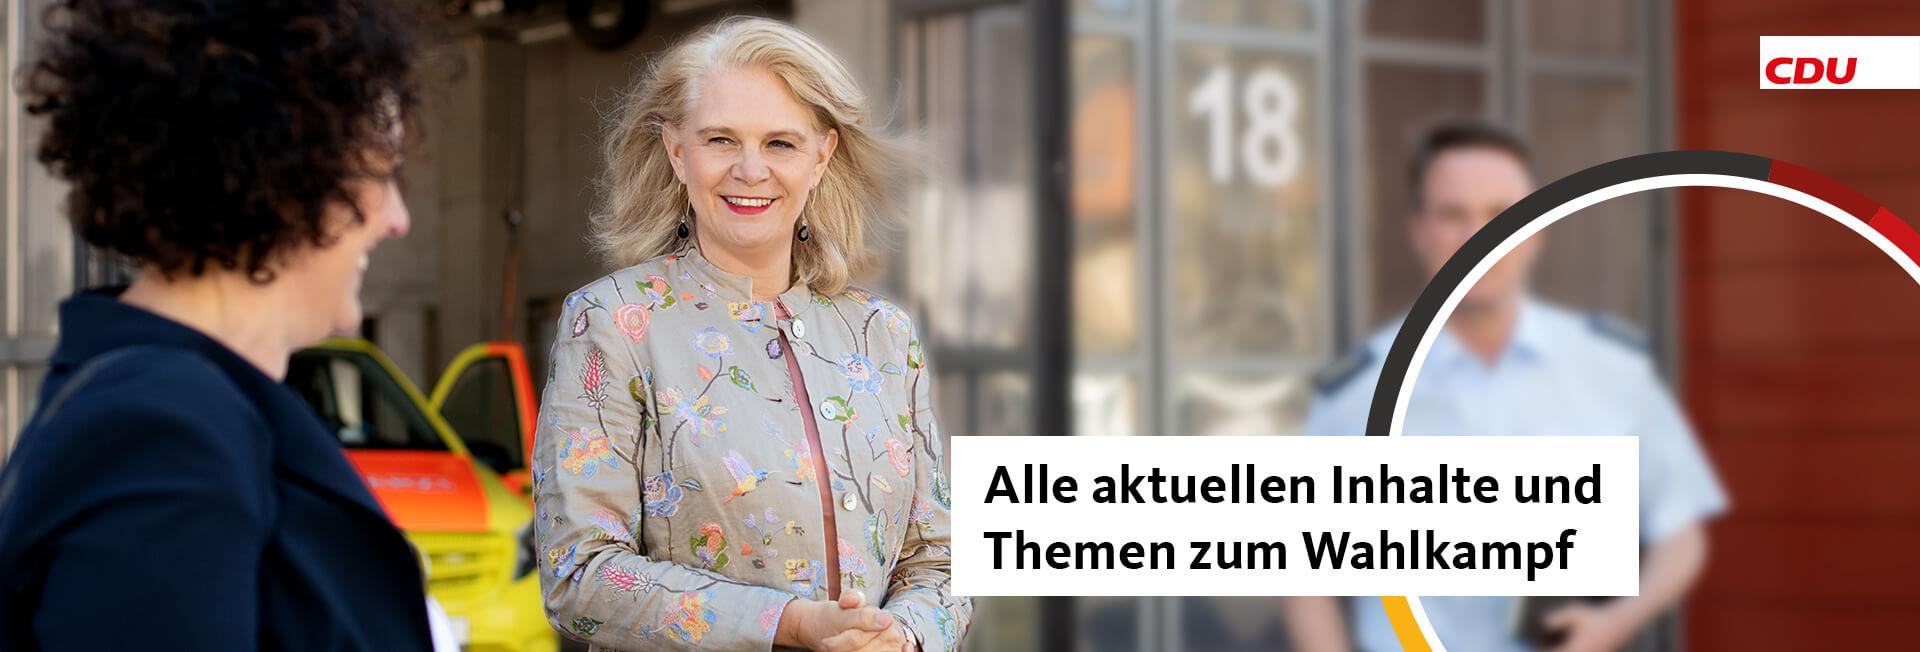 Saskia Ludwig - Aktuelles